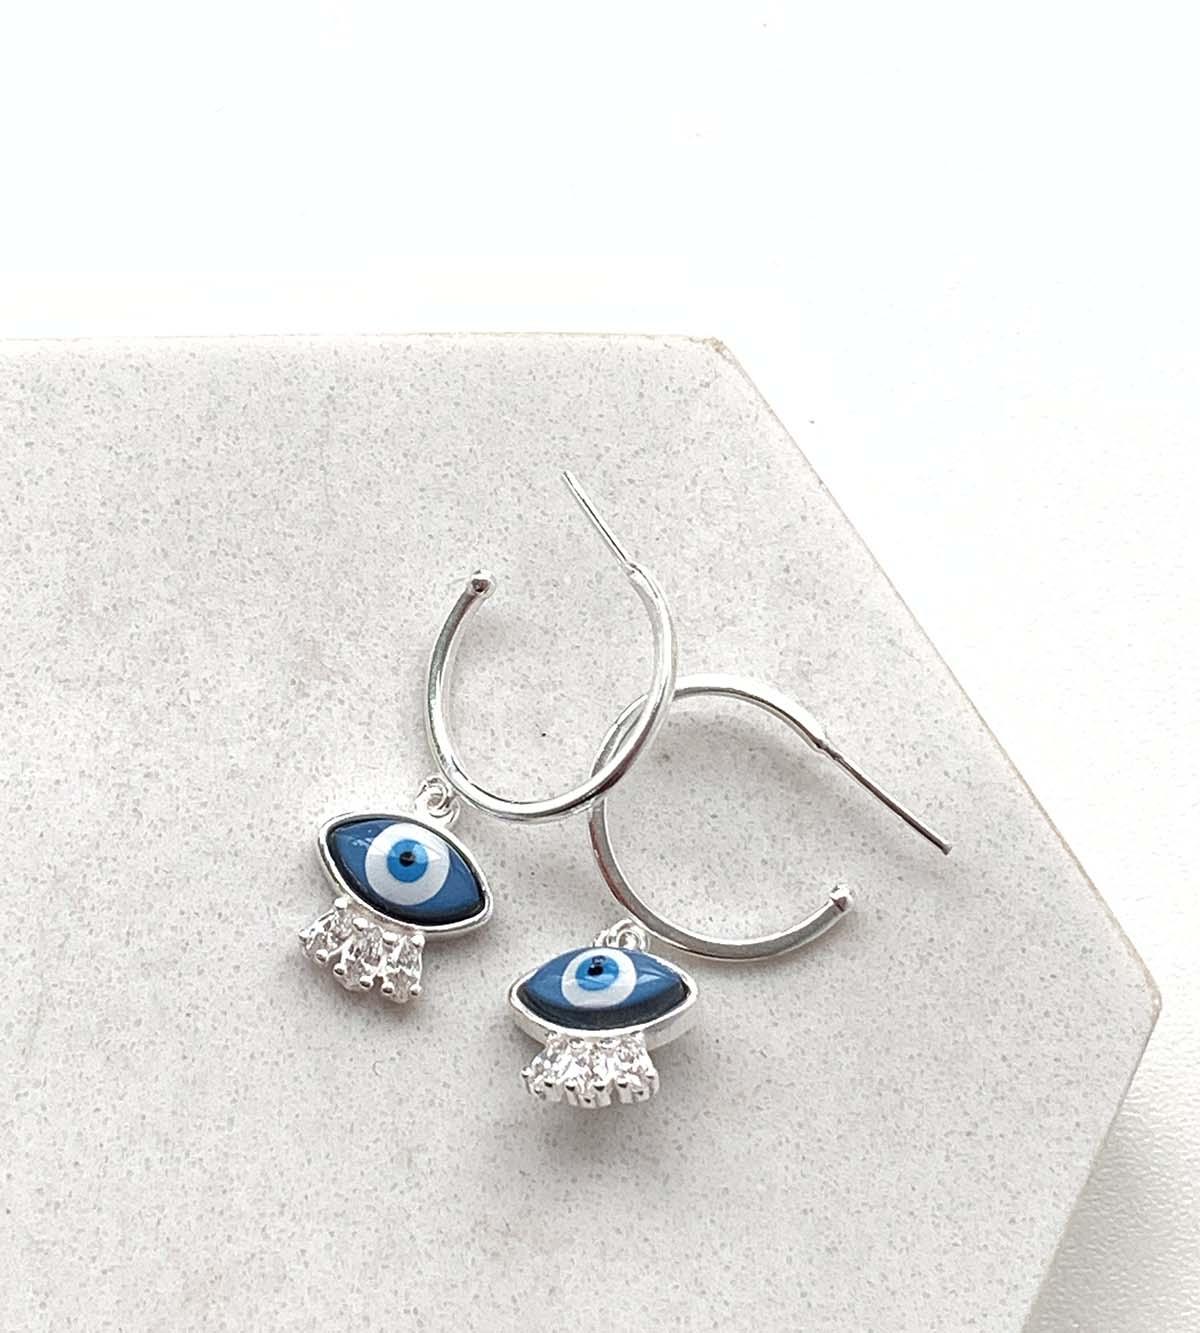 Brinco Prata Argola com Pingente Olho Grego Azul Escuro com Detalhe Pontos de Luz